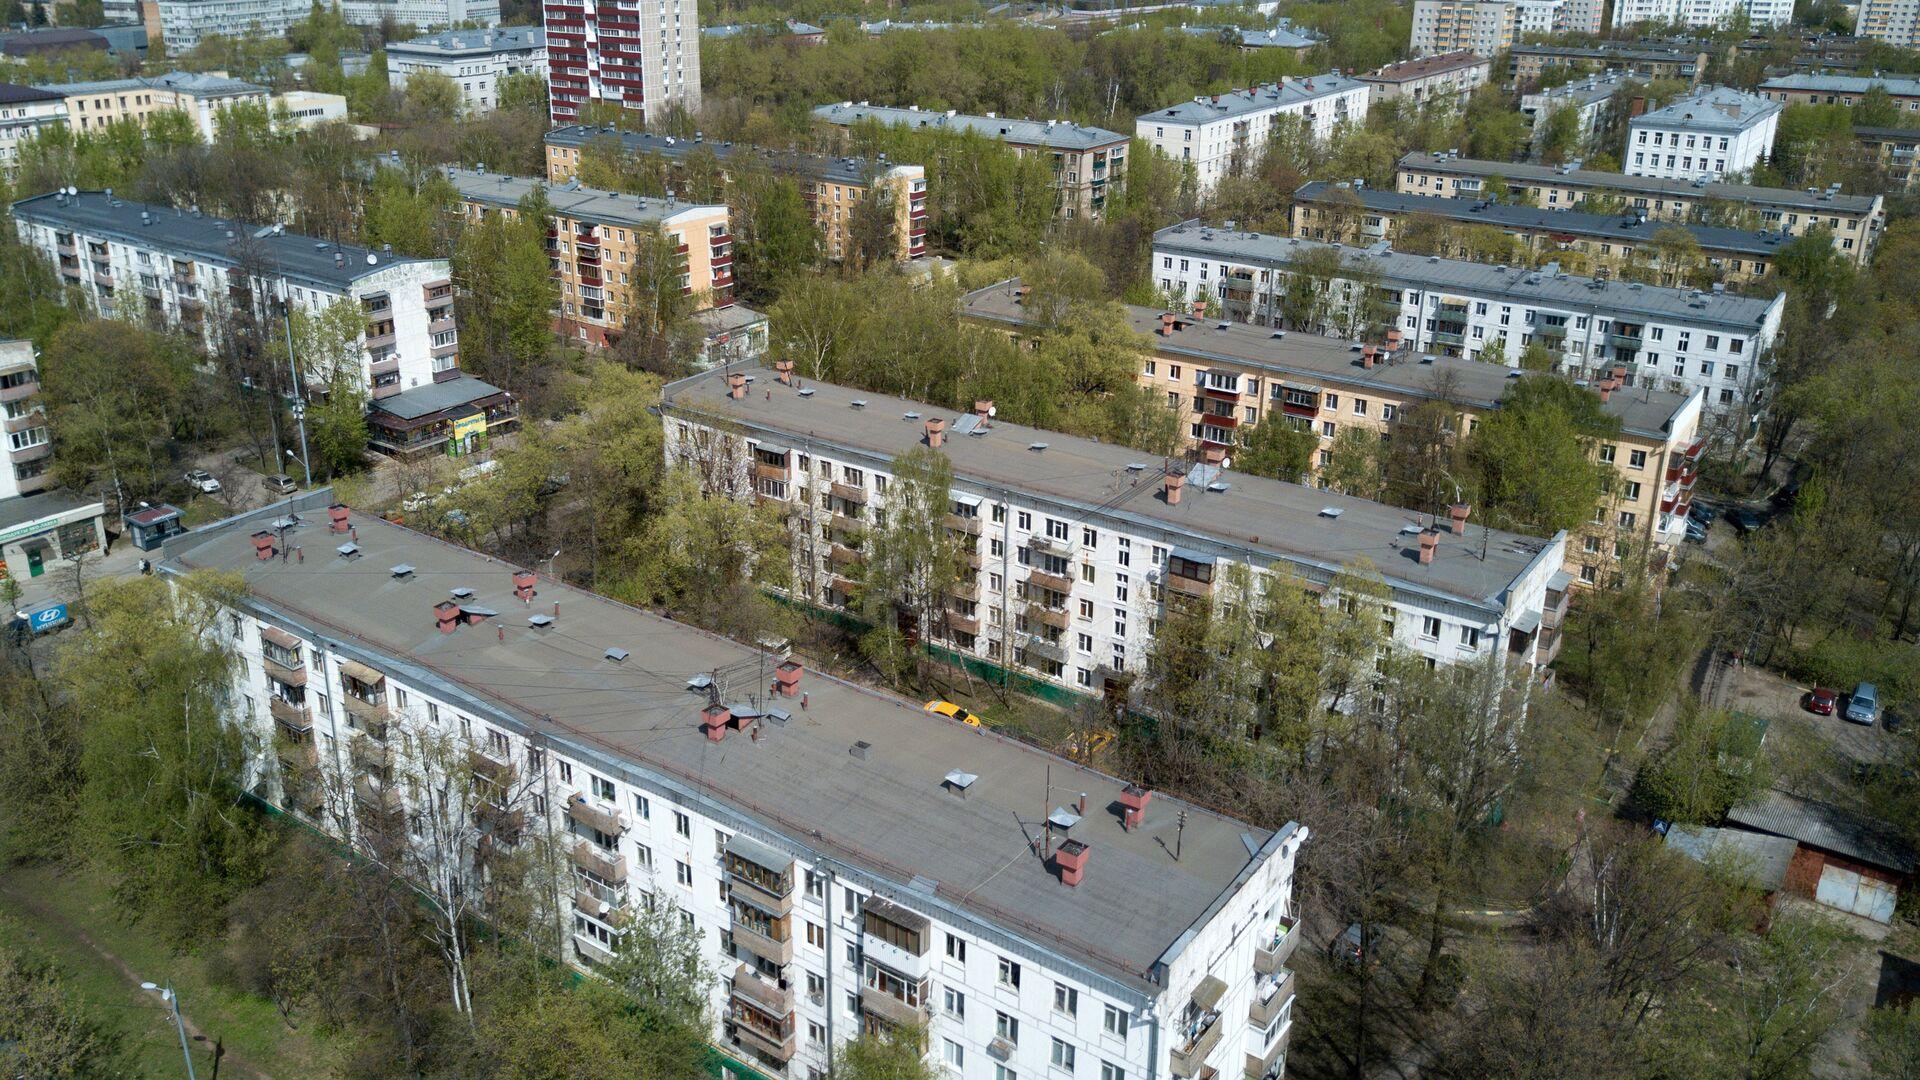 Пятиэтажные дома, включенные в программу реновации в Москве - РИА Новости, 1920, 02.12.2020